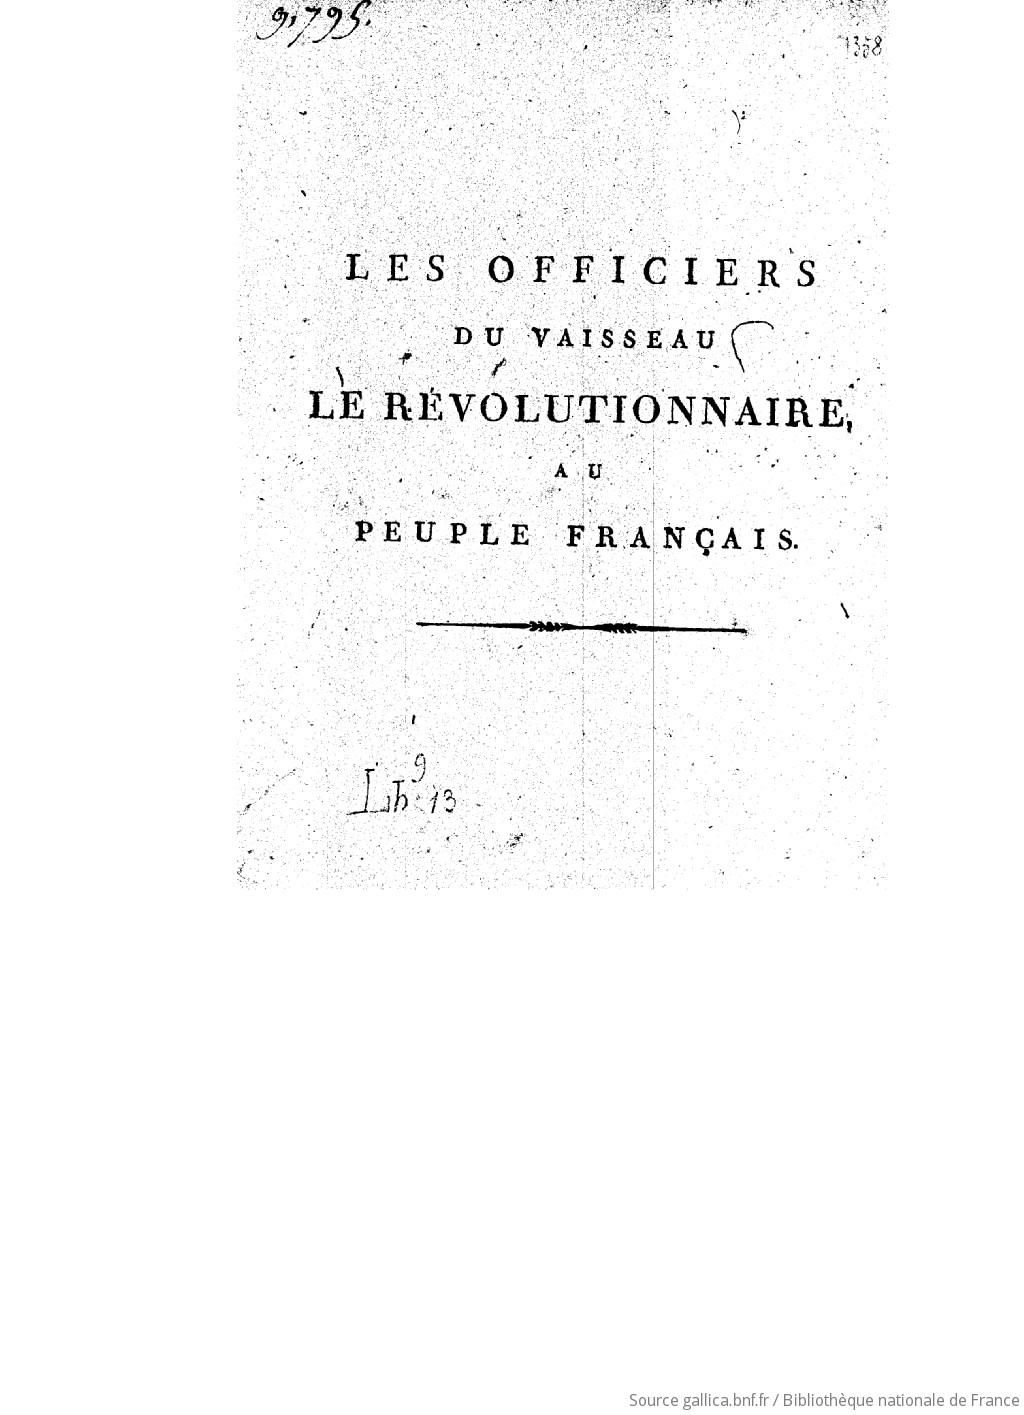 Les officiers du vaisseau Le Révolutionnaire au peuple français ([Reprod.]) / [signé Dorré,... Dumoncelle,... Nestout,... [et al.] |